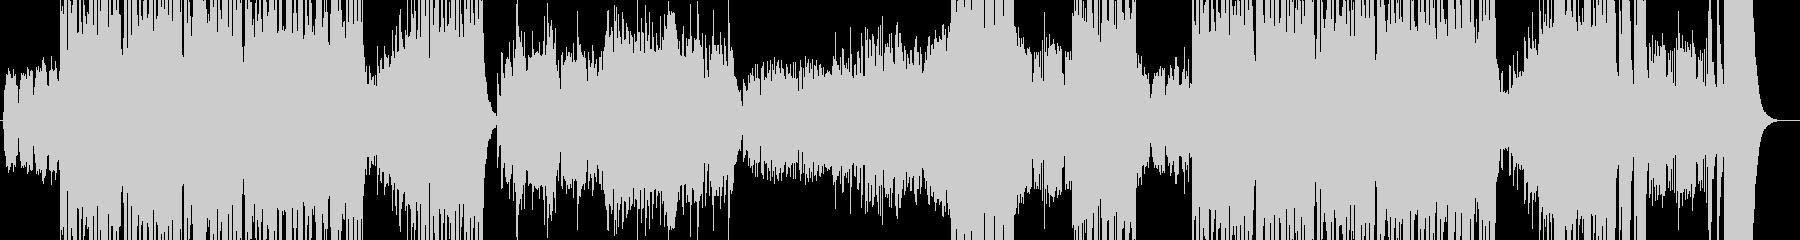 王宮・王国イメージのBGM(ケルト音楽)の未再生の波形